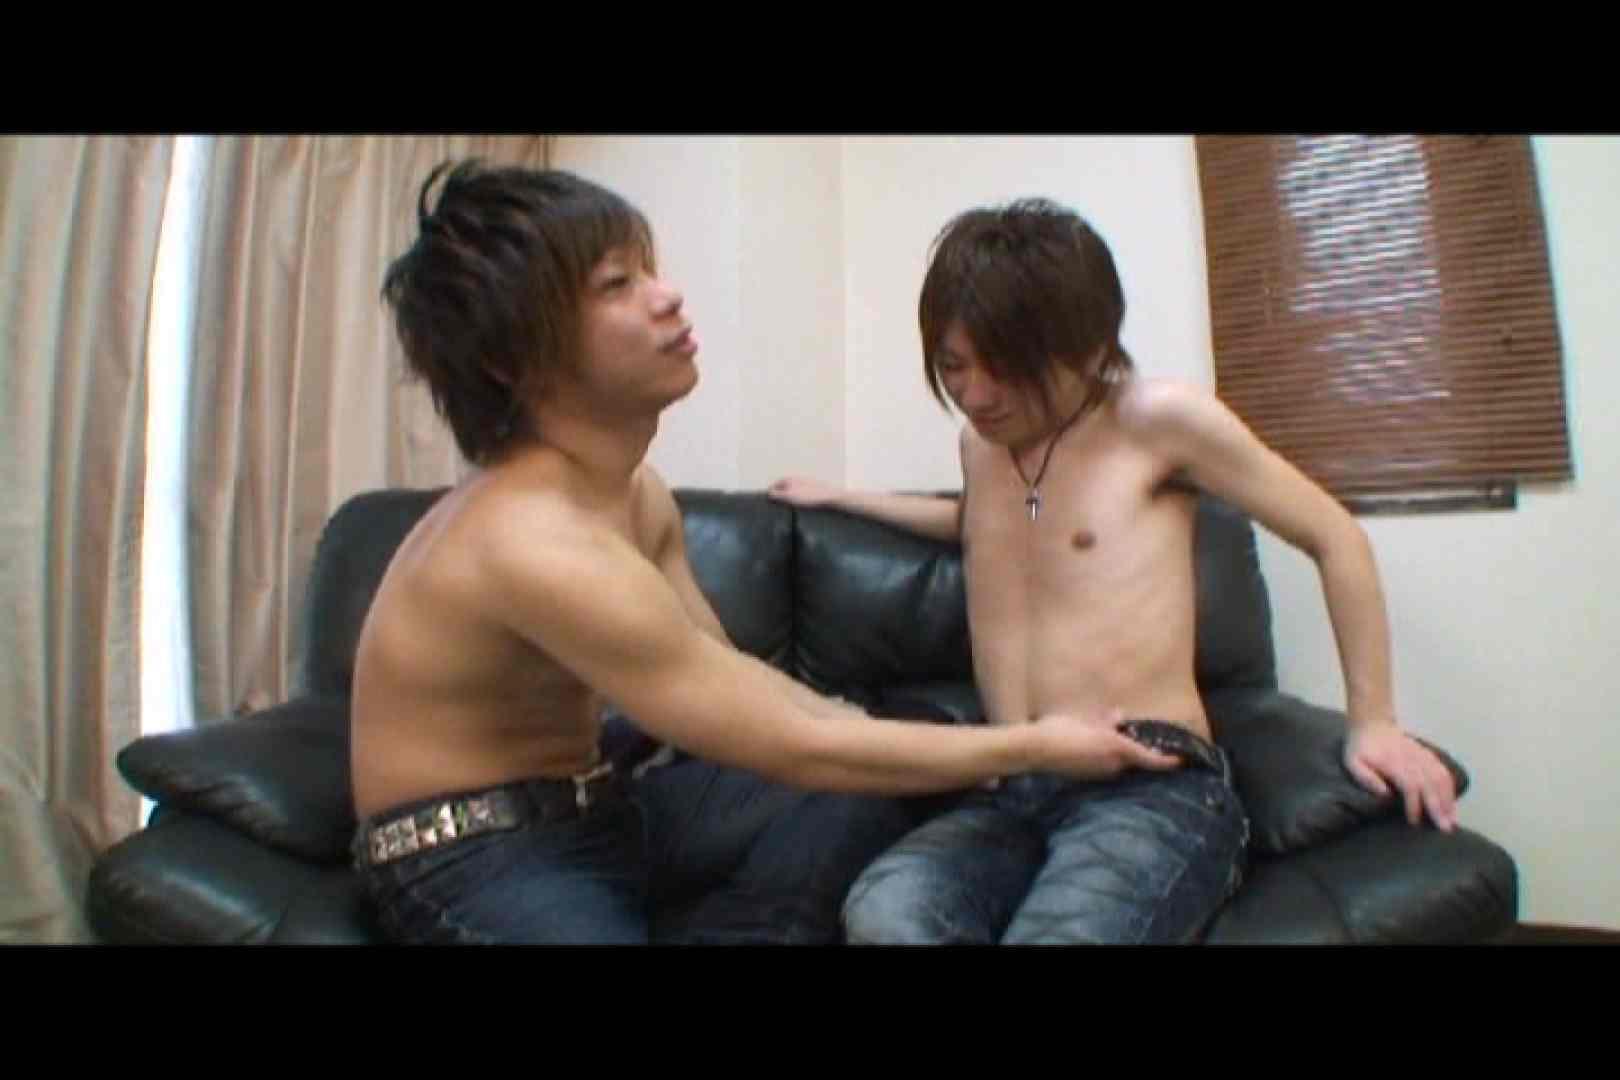 コンビネーションBoys!vol.01 イケメンたち ゲイエロ動画 89枚 58